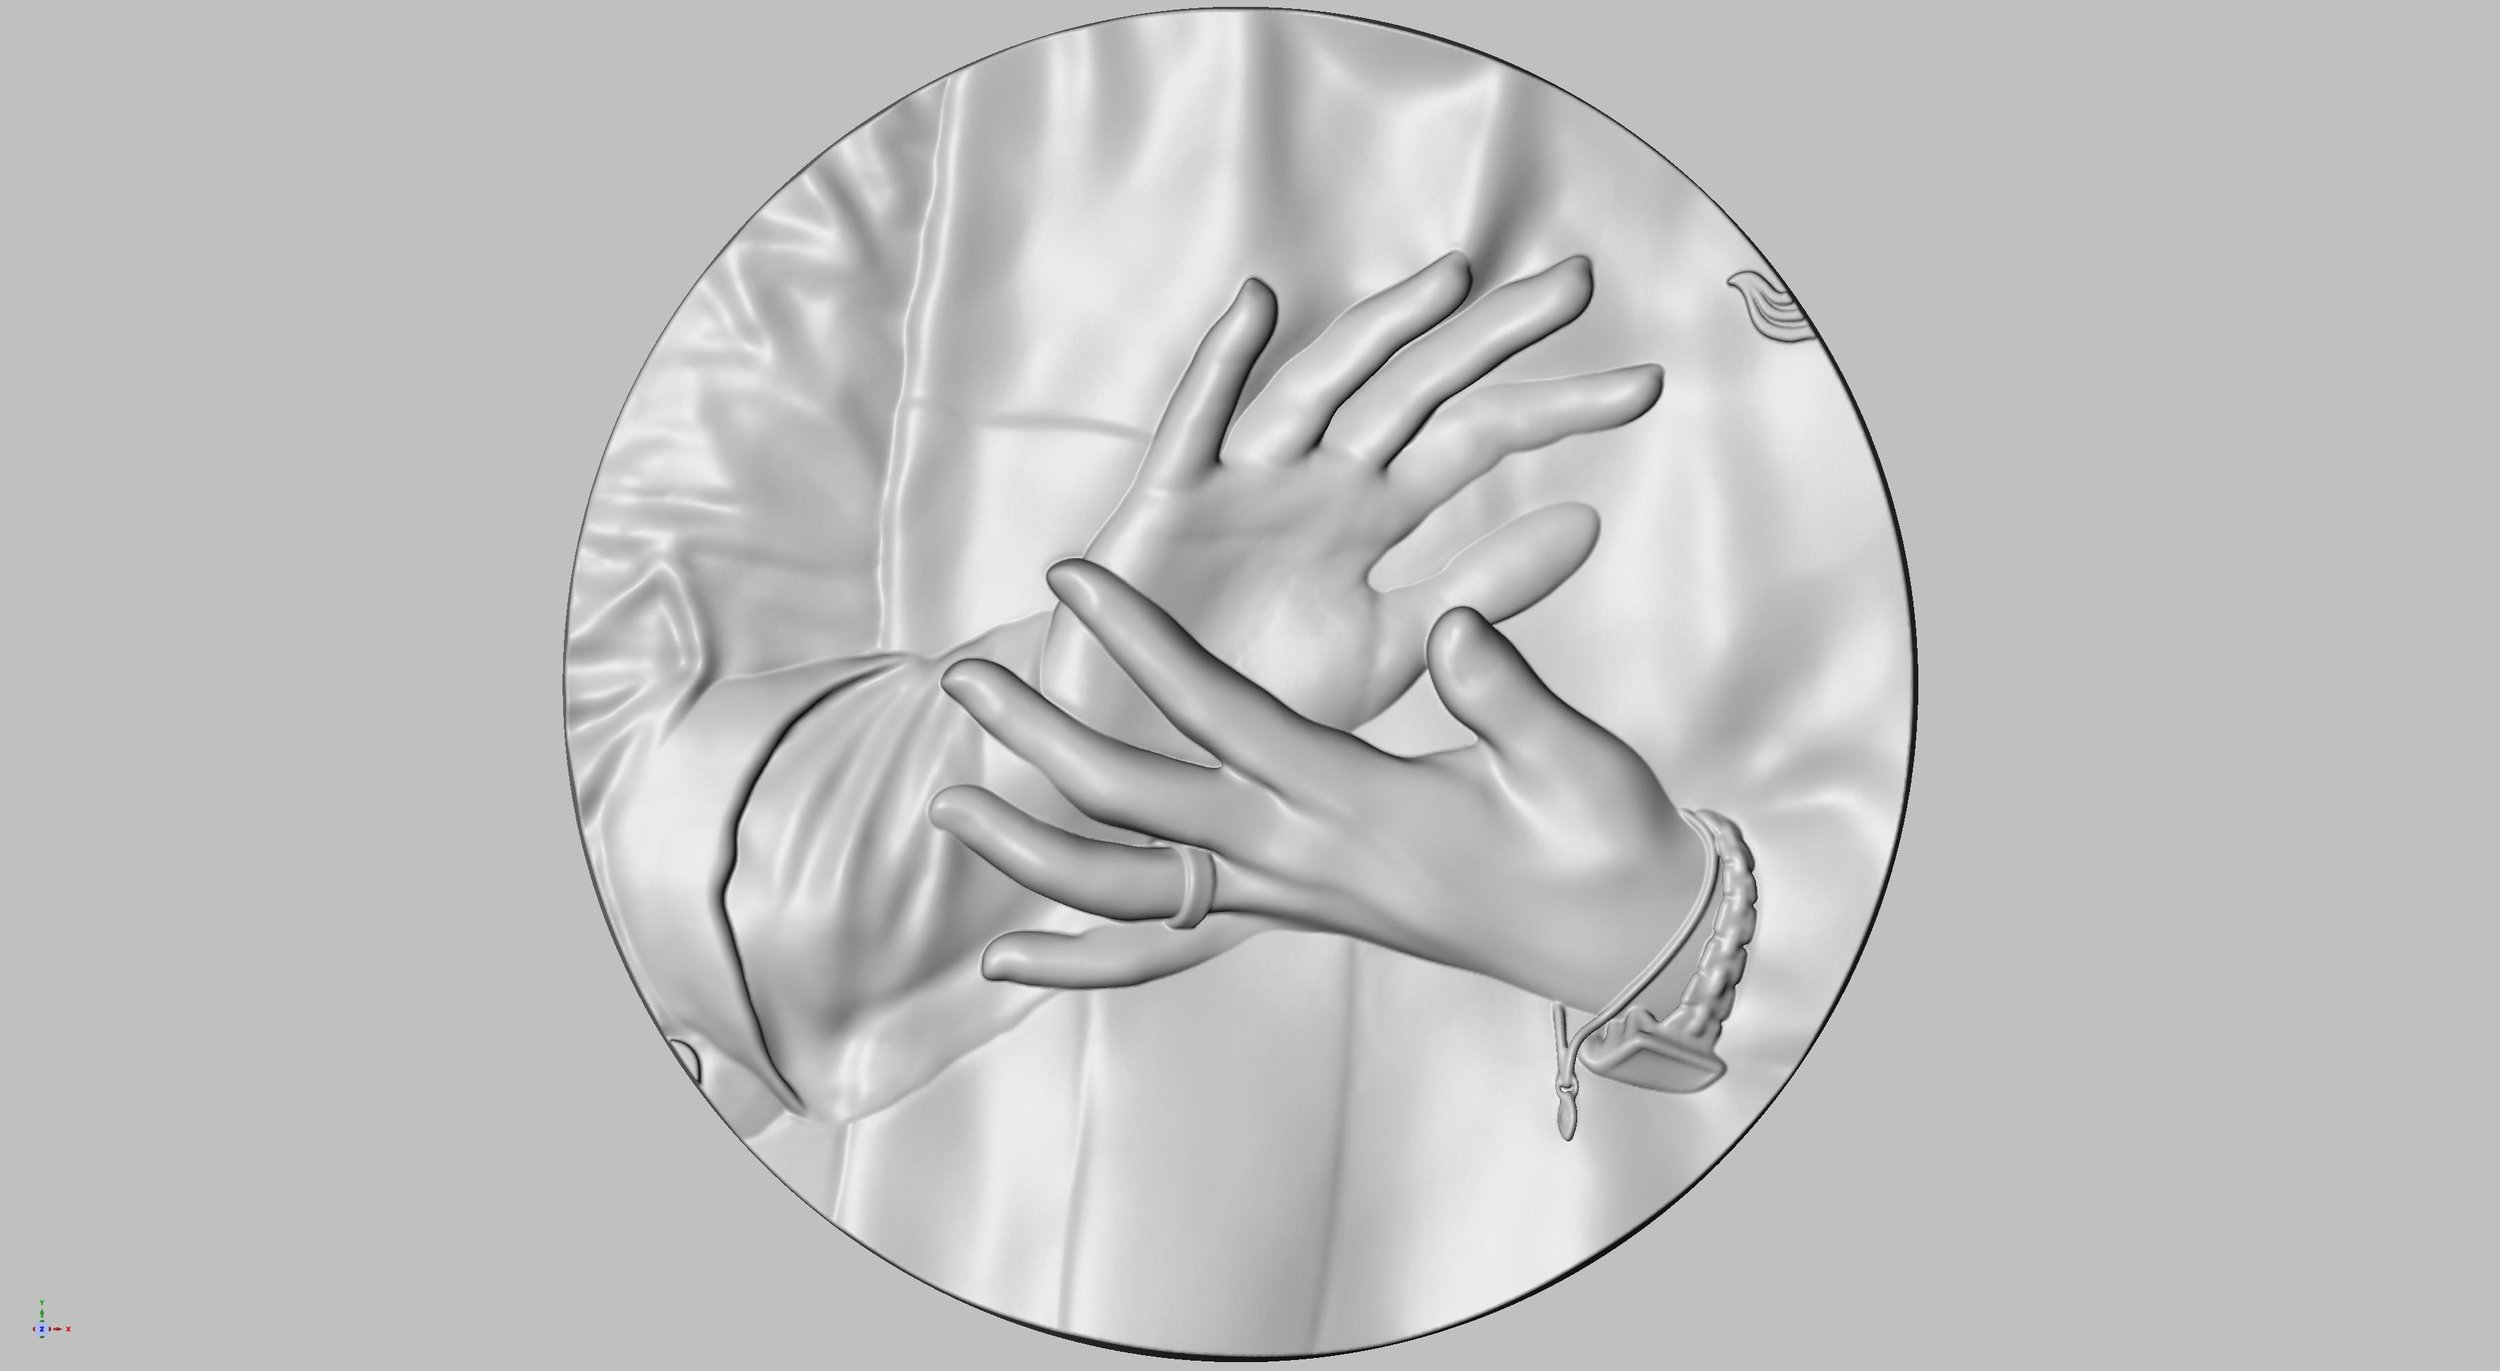 02-hands_01.jpg